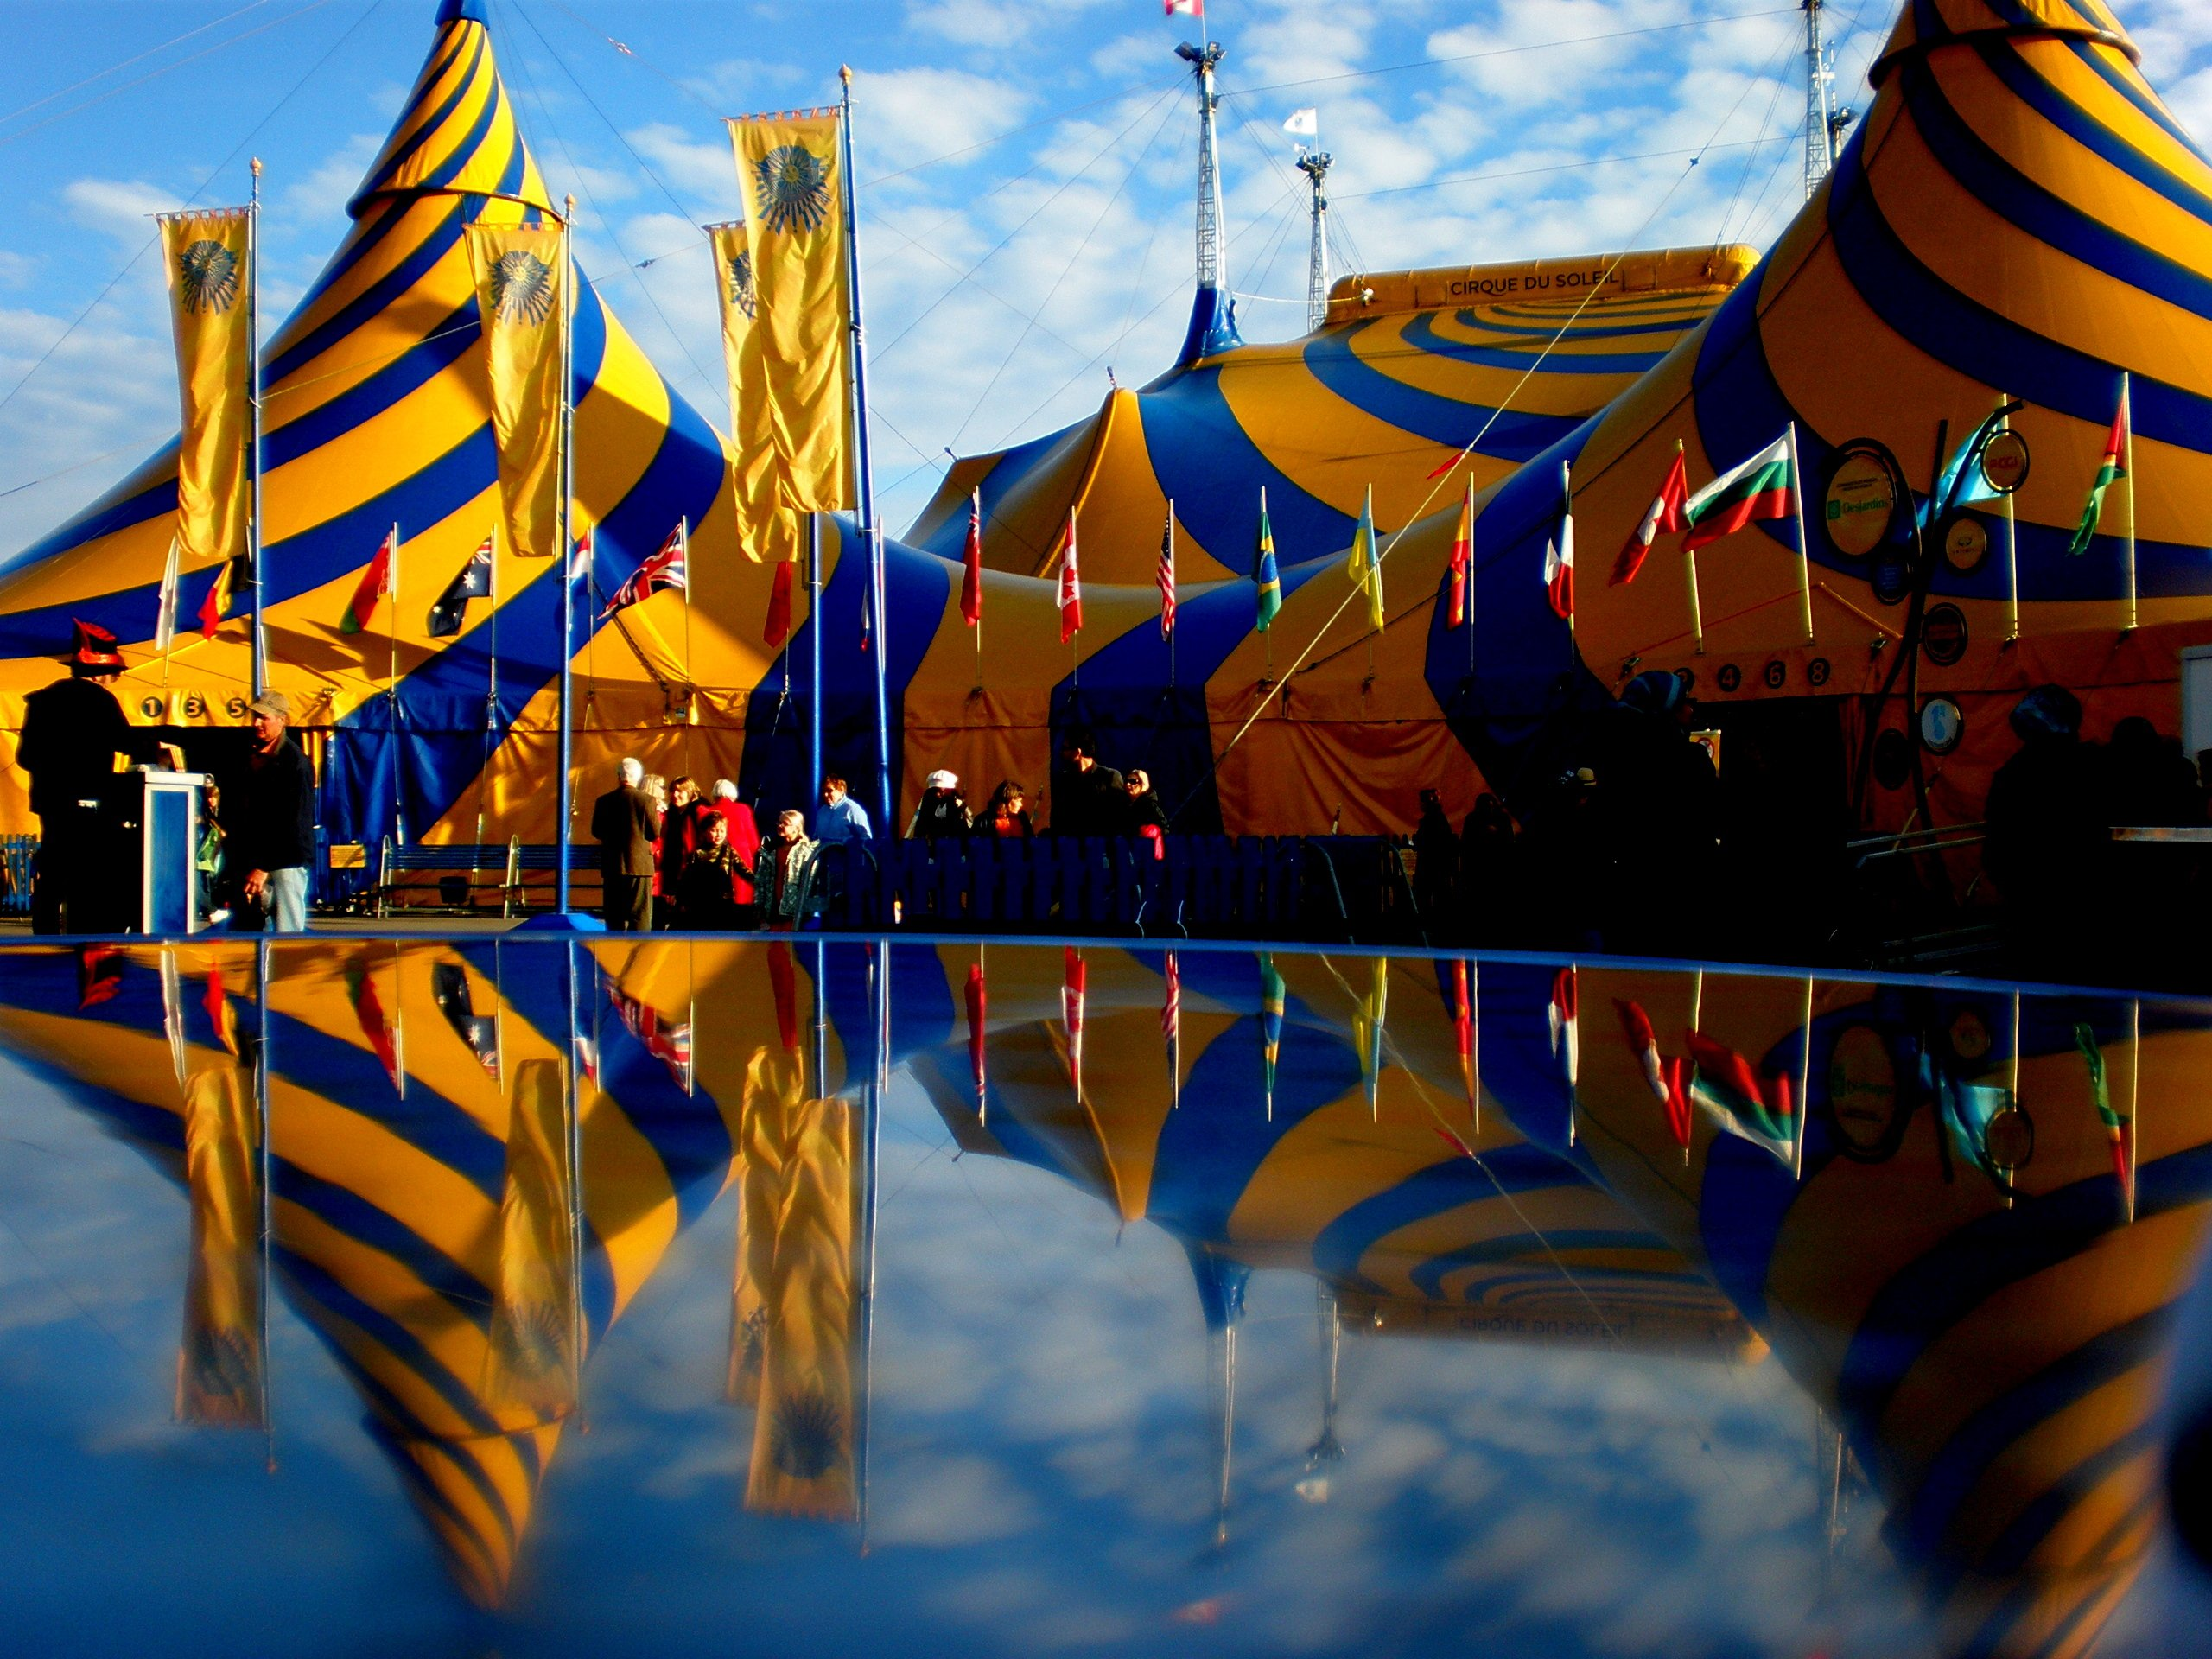 Fonds dcran Cirque Du Soleil tous les wallpapers Cirque Du Soleil 2560x1920